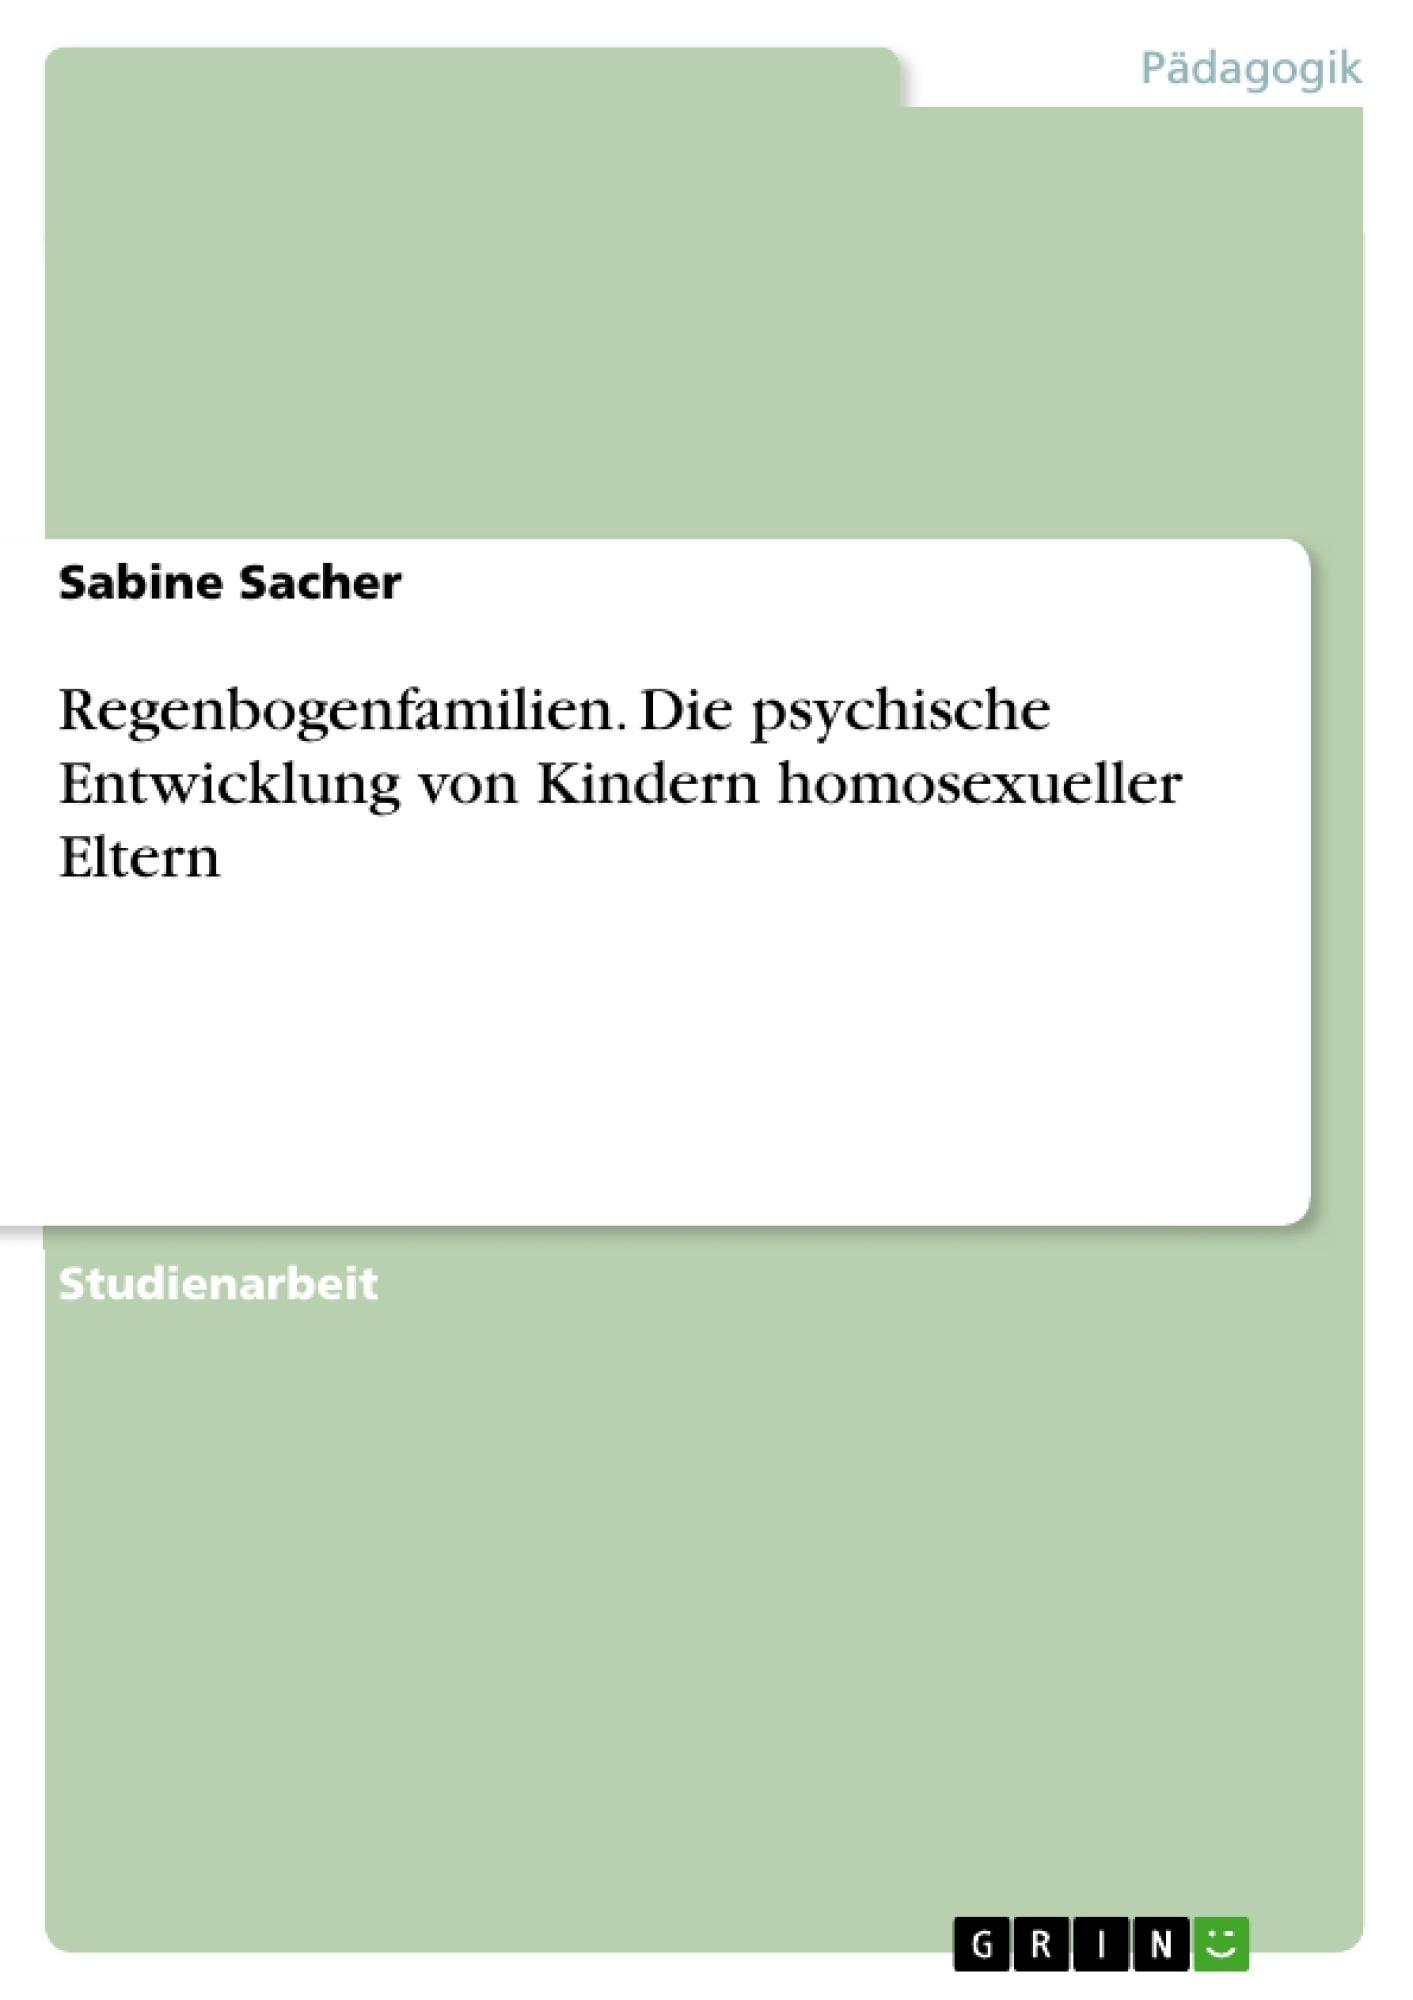 Titel: Regenbogenfamilien. Die psychische Entwicklung von Kindern homosexueller Eltern